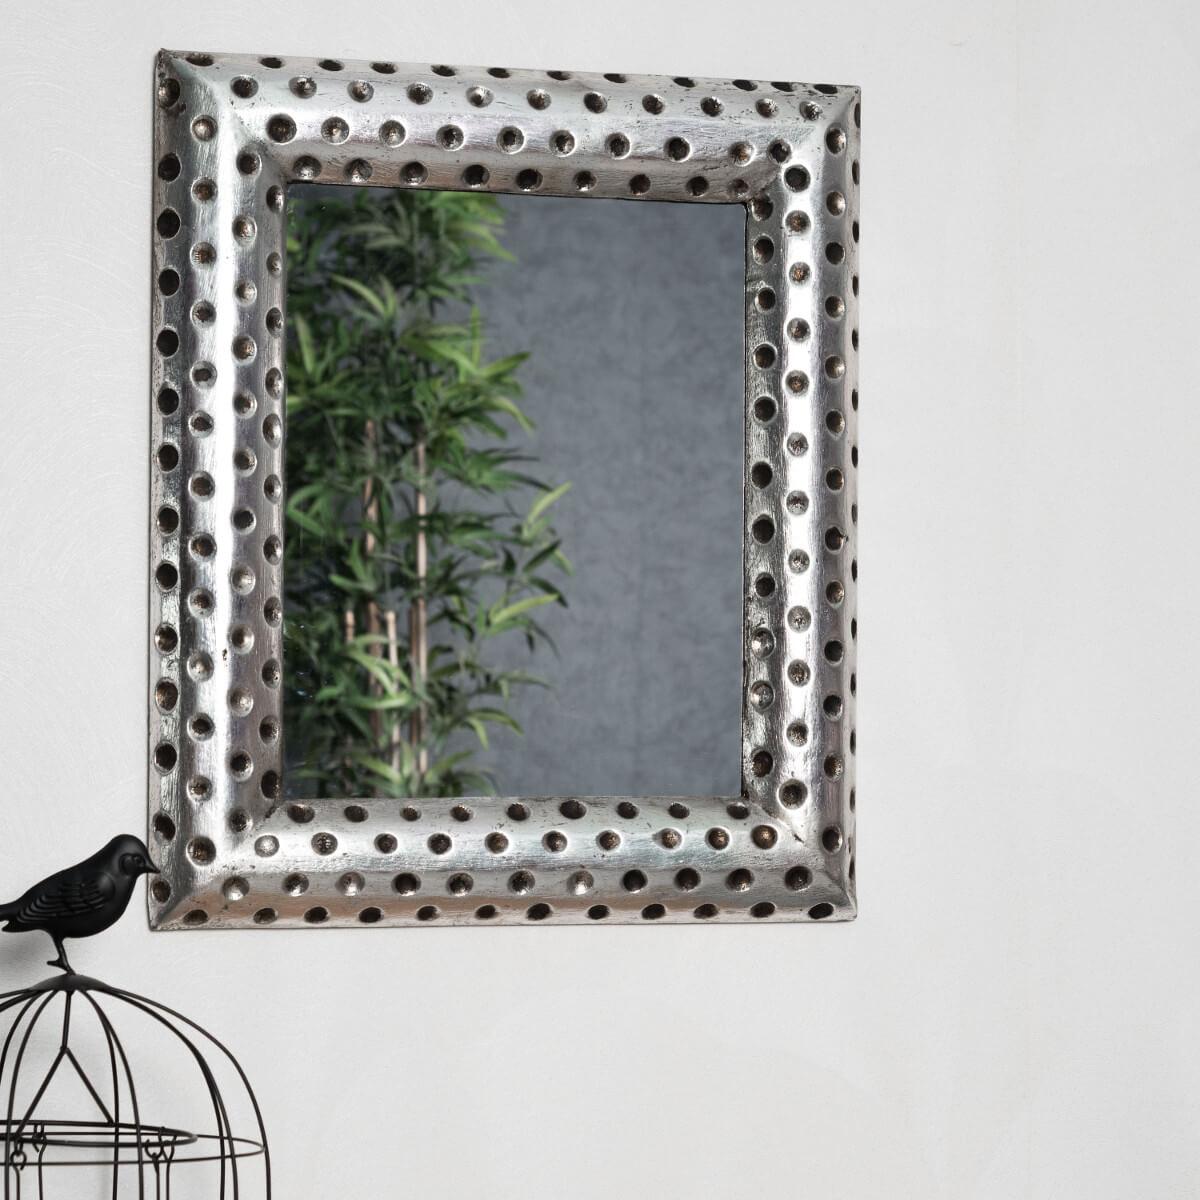 Miroir de d coration en bois massif pampelune rectangulaire argent m tal d 50 x 60 cm for Miroir 50 x 90